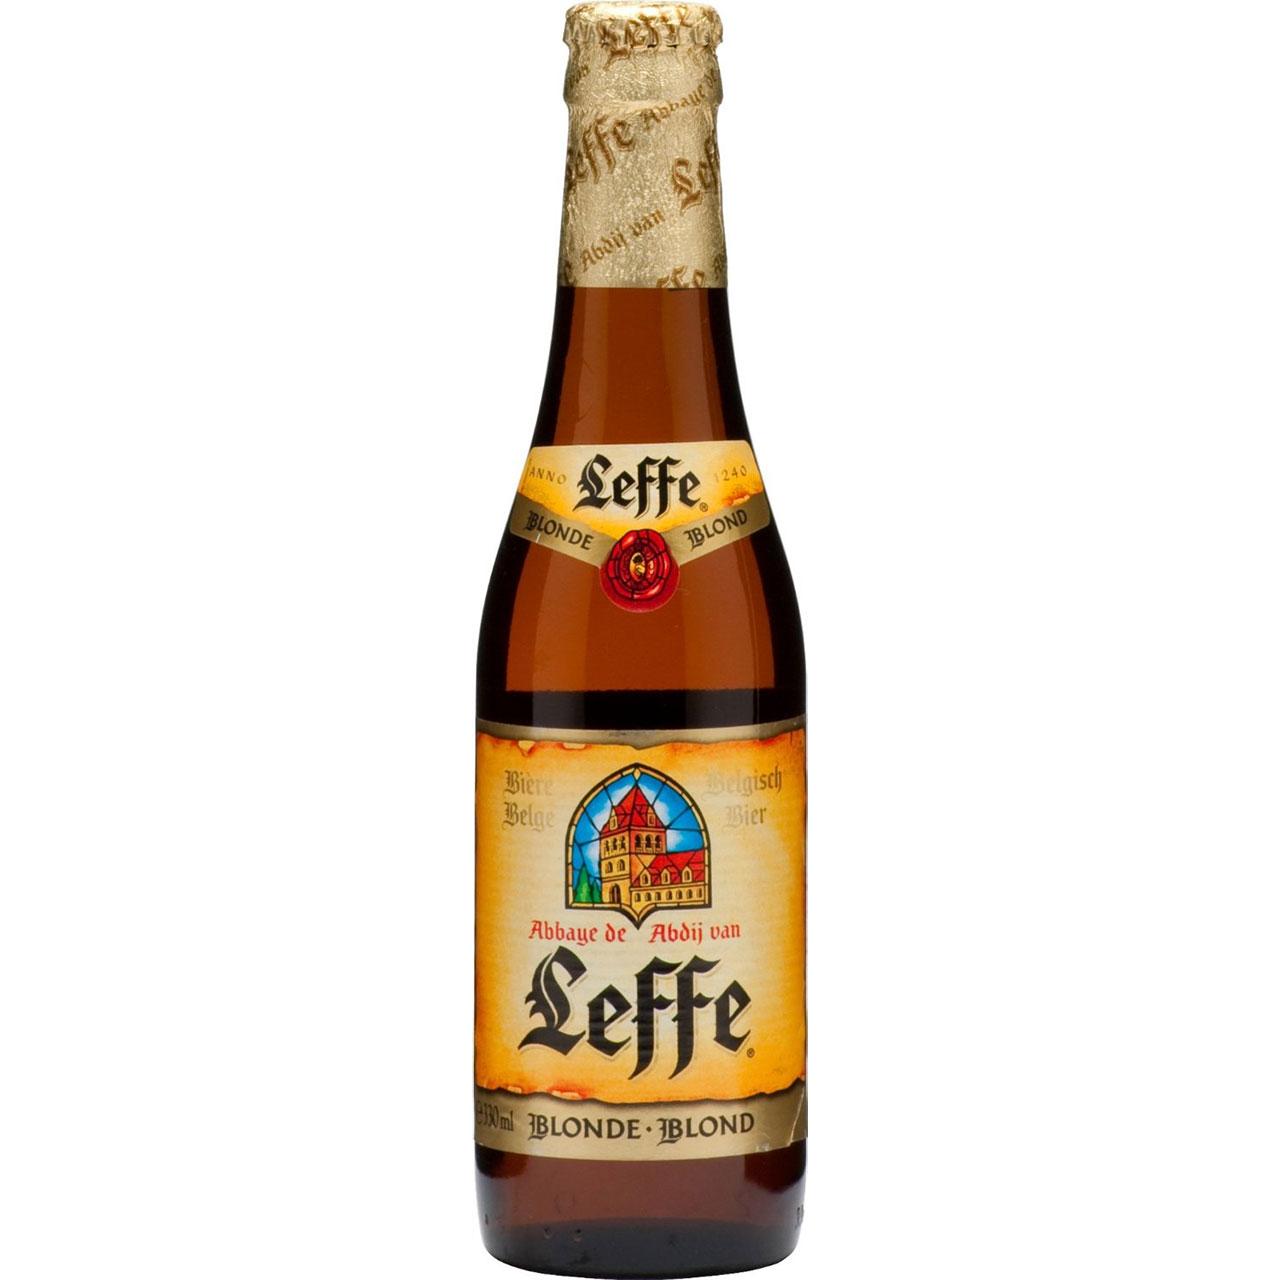 お酒 お中元 ギフト レフブロンド 330ml 24本 ベルギービール クラフトビール ケース販売 プレゼント